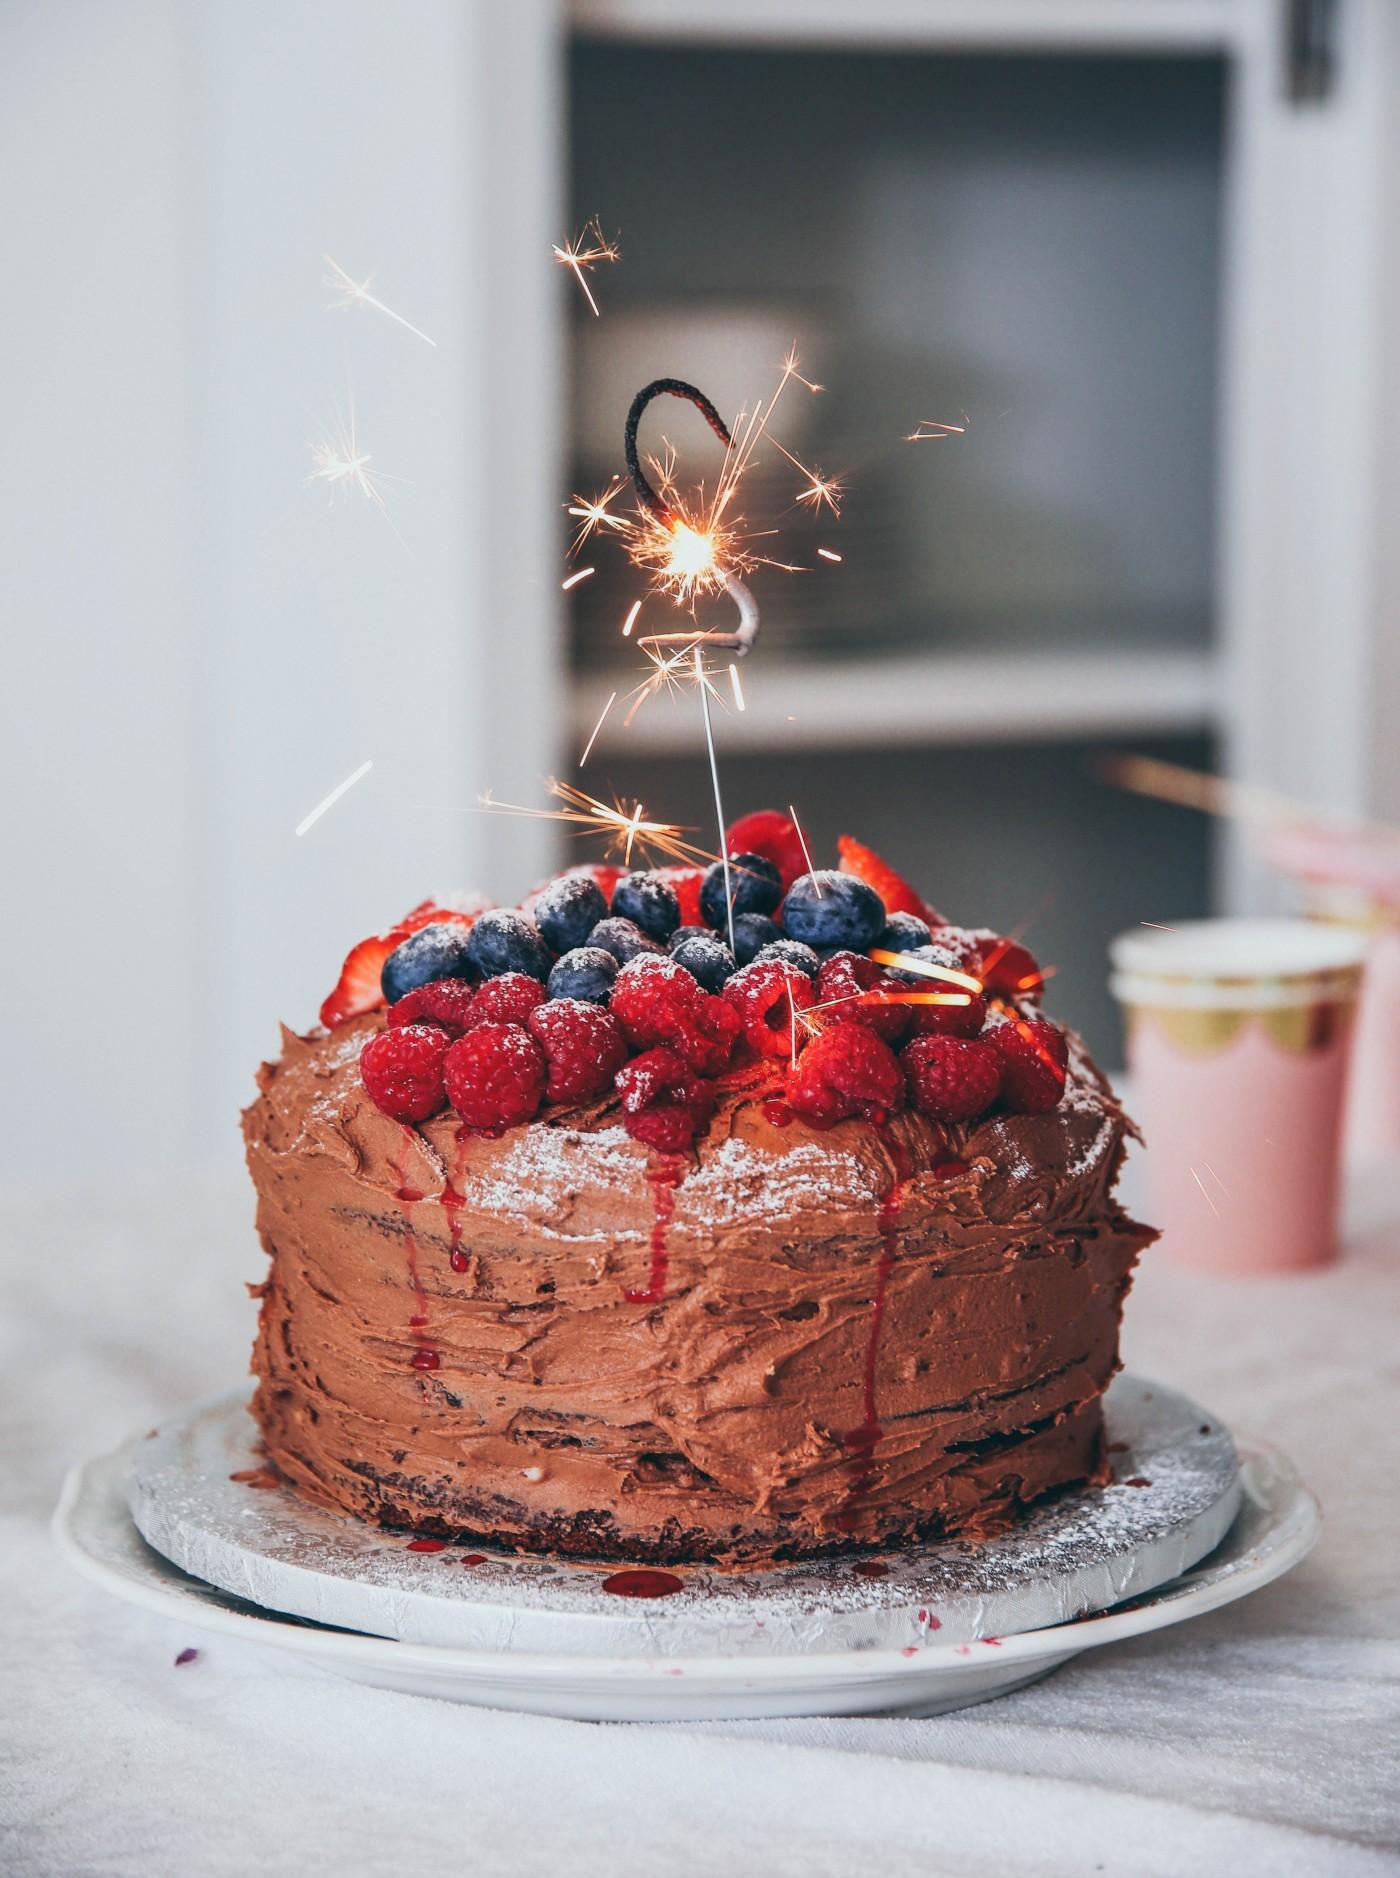 巧克力草莓蓝莓蛋糕封面大图